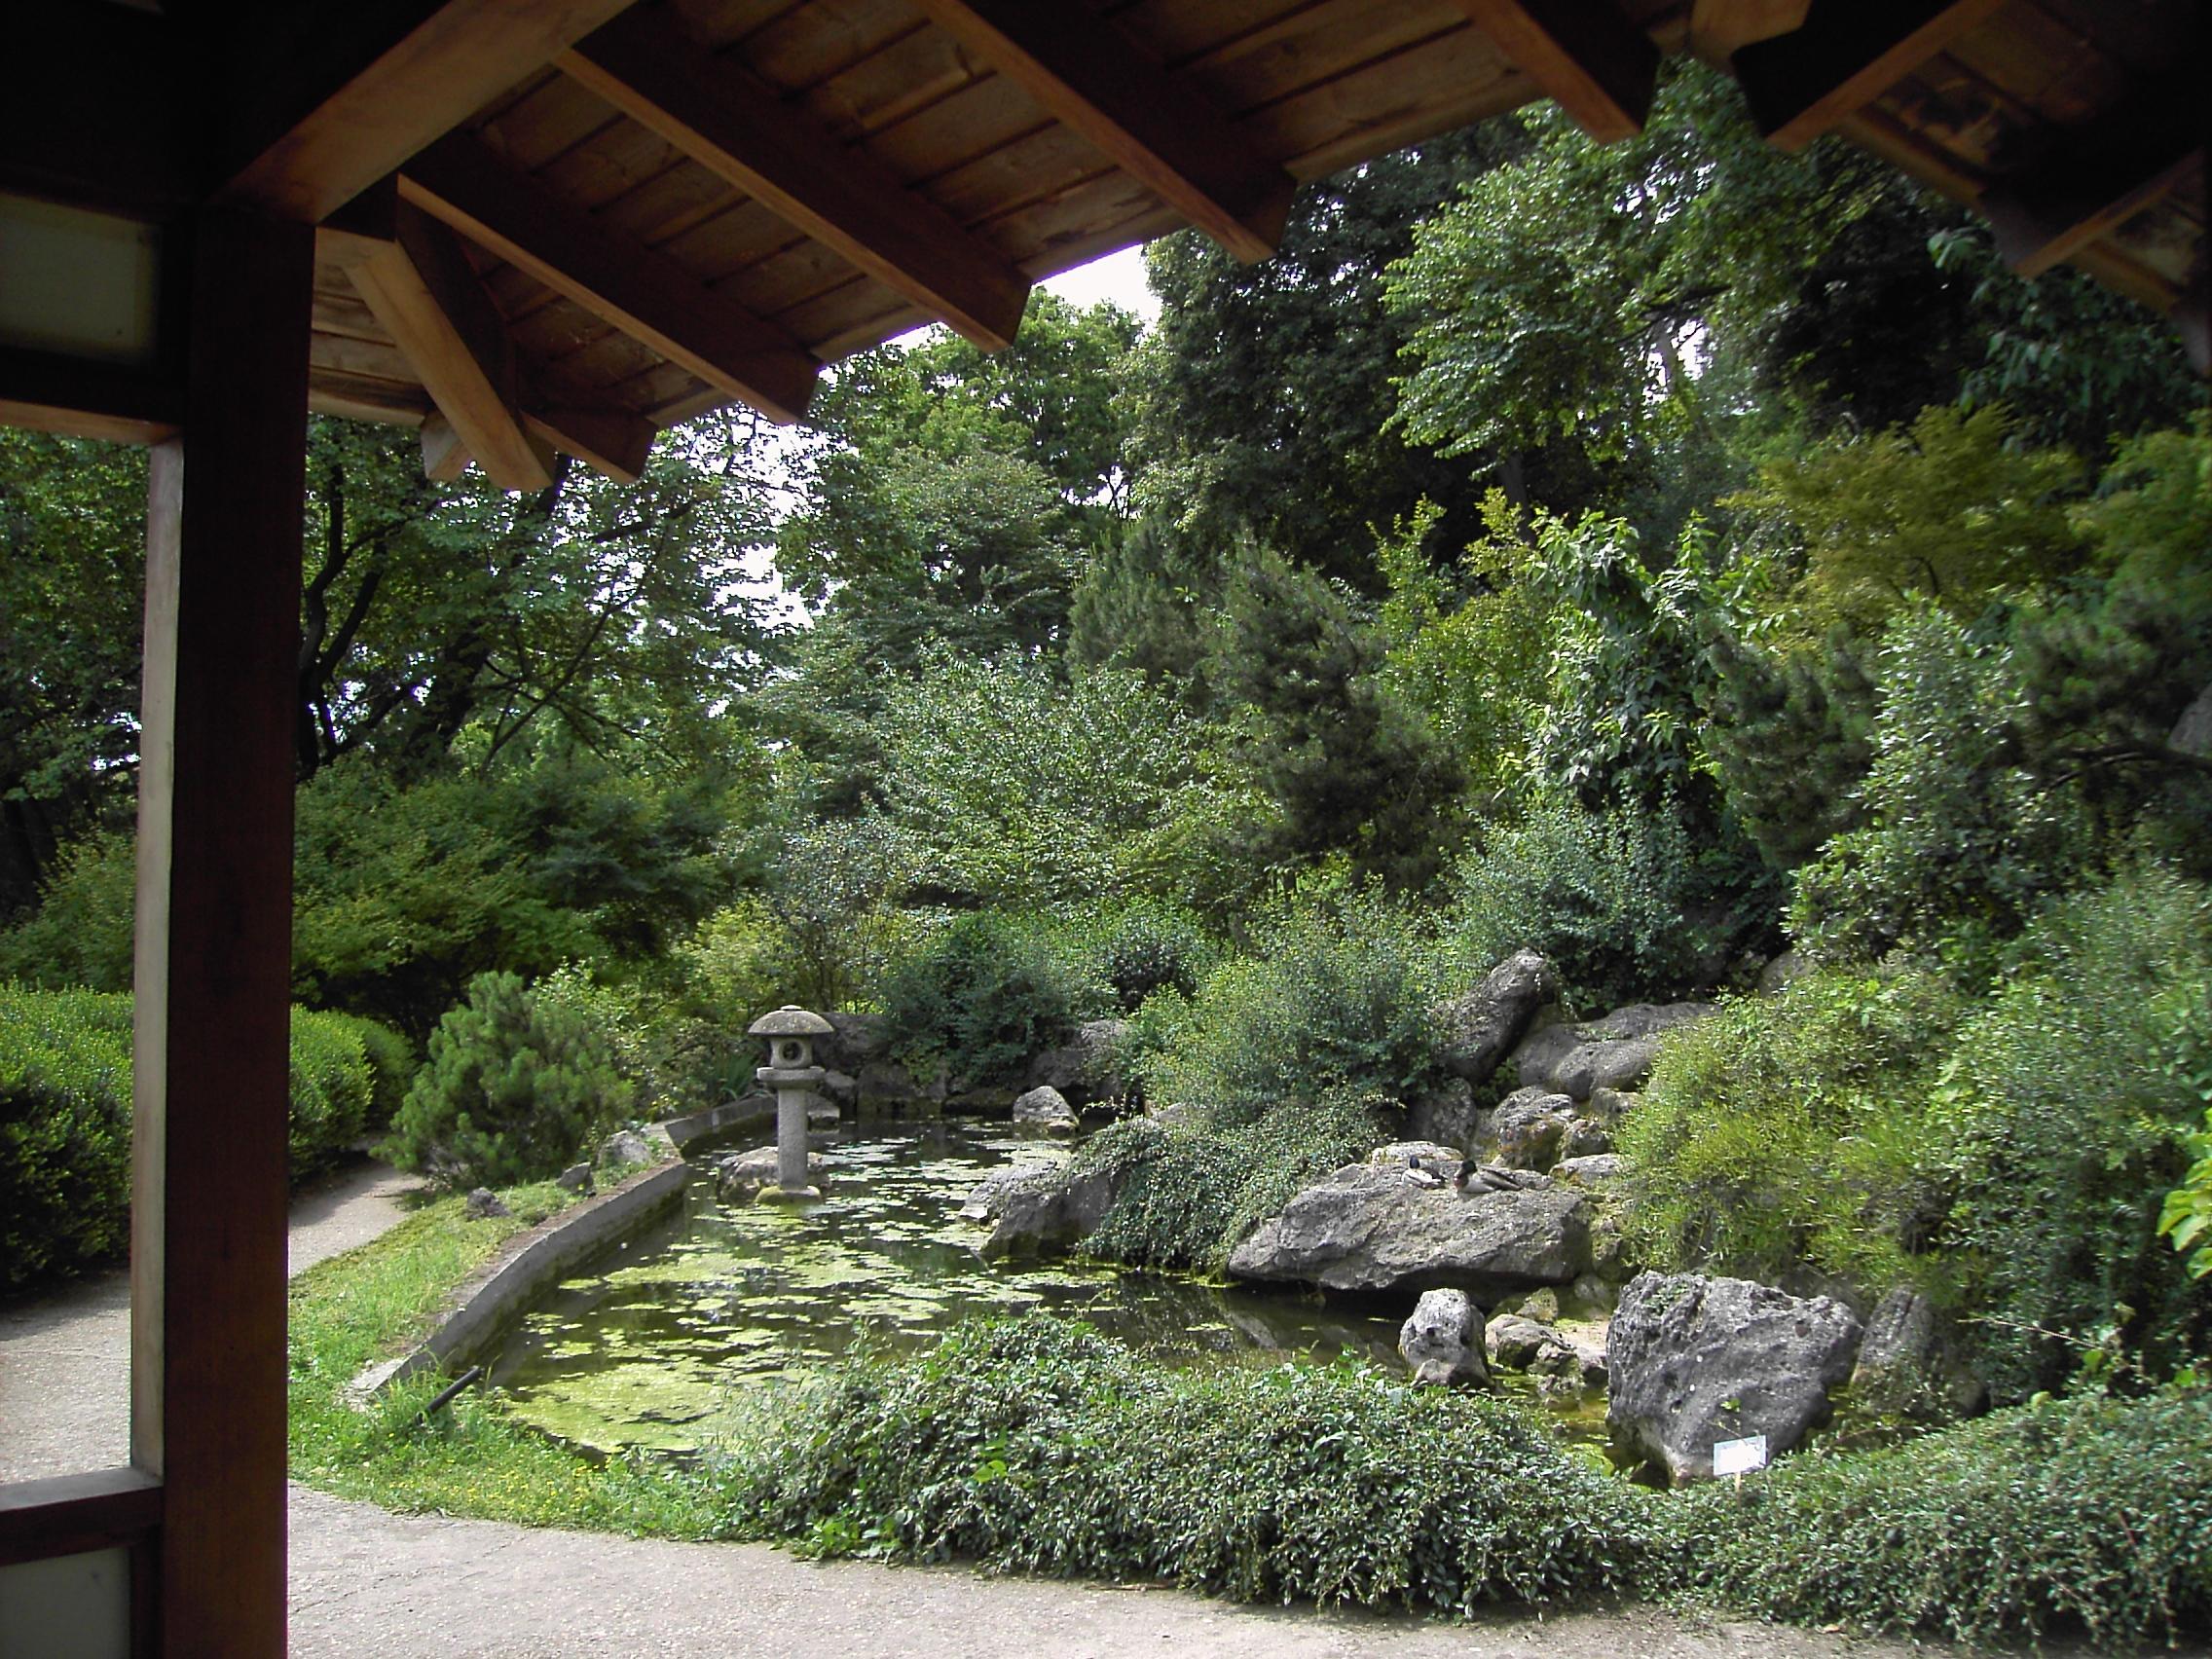 Jardin botanique de rome for Le jardin 489 rome